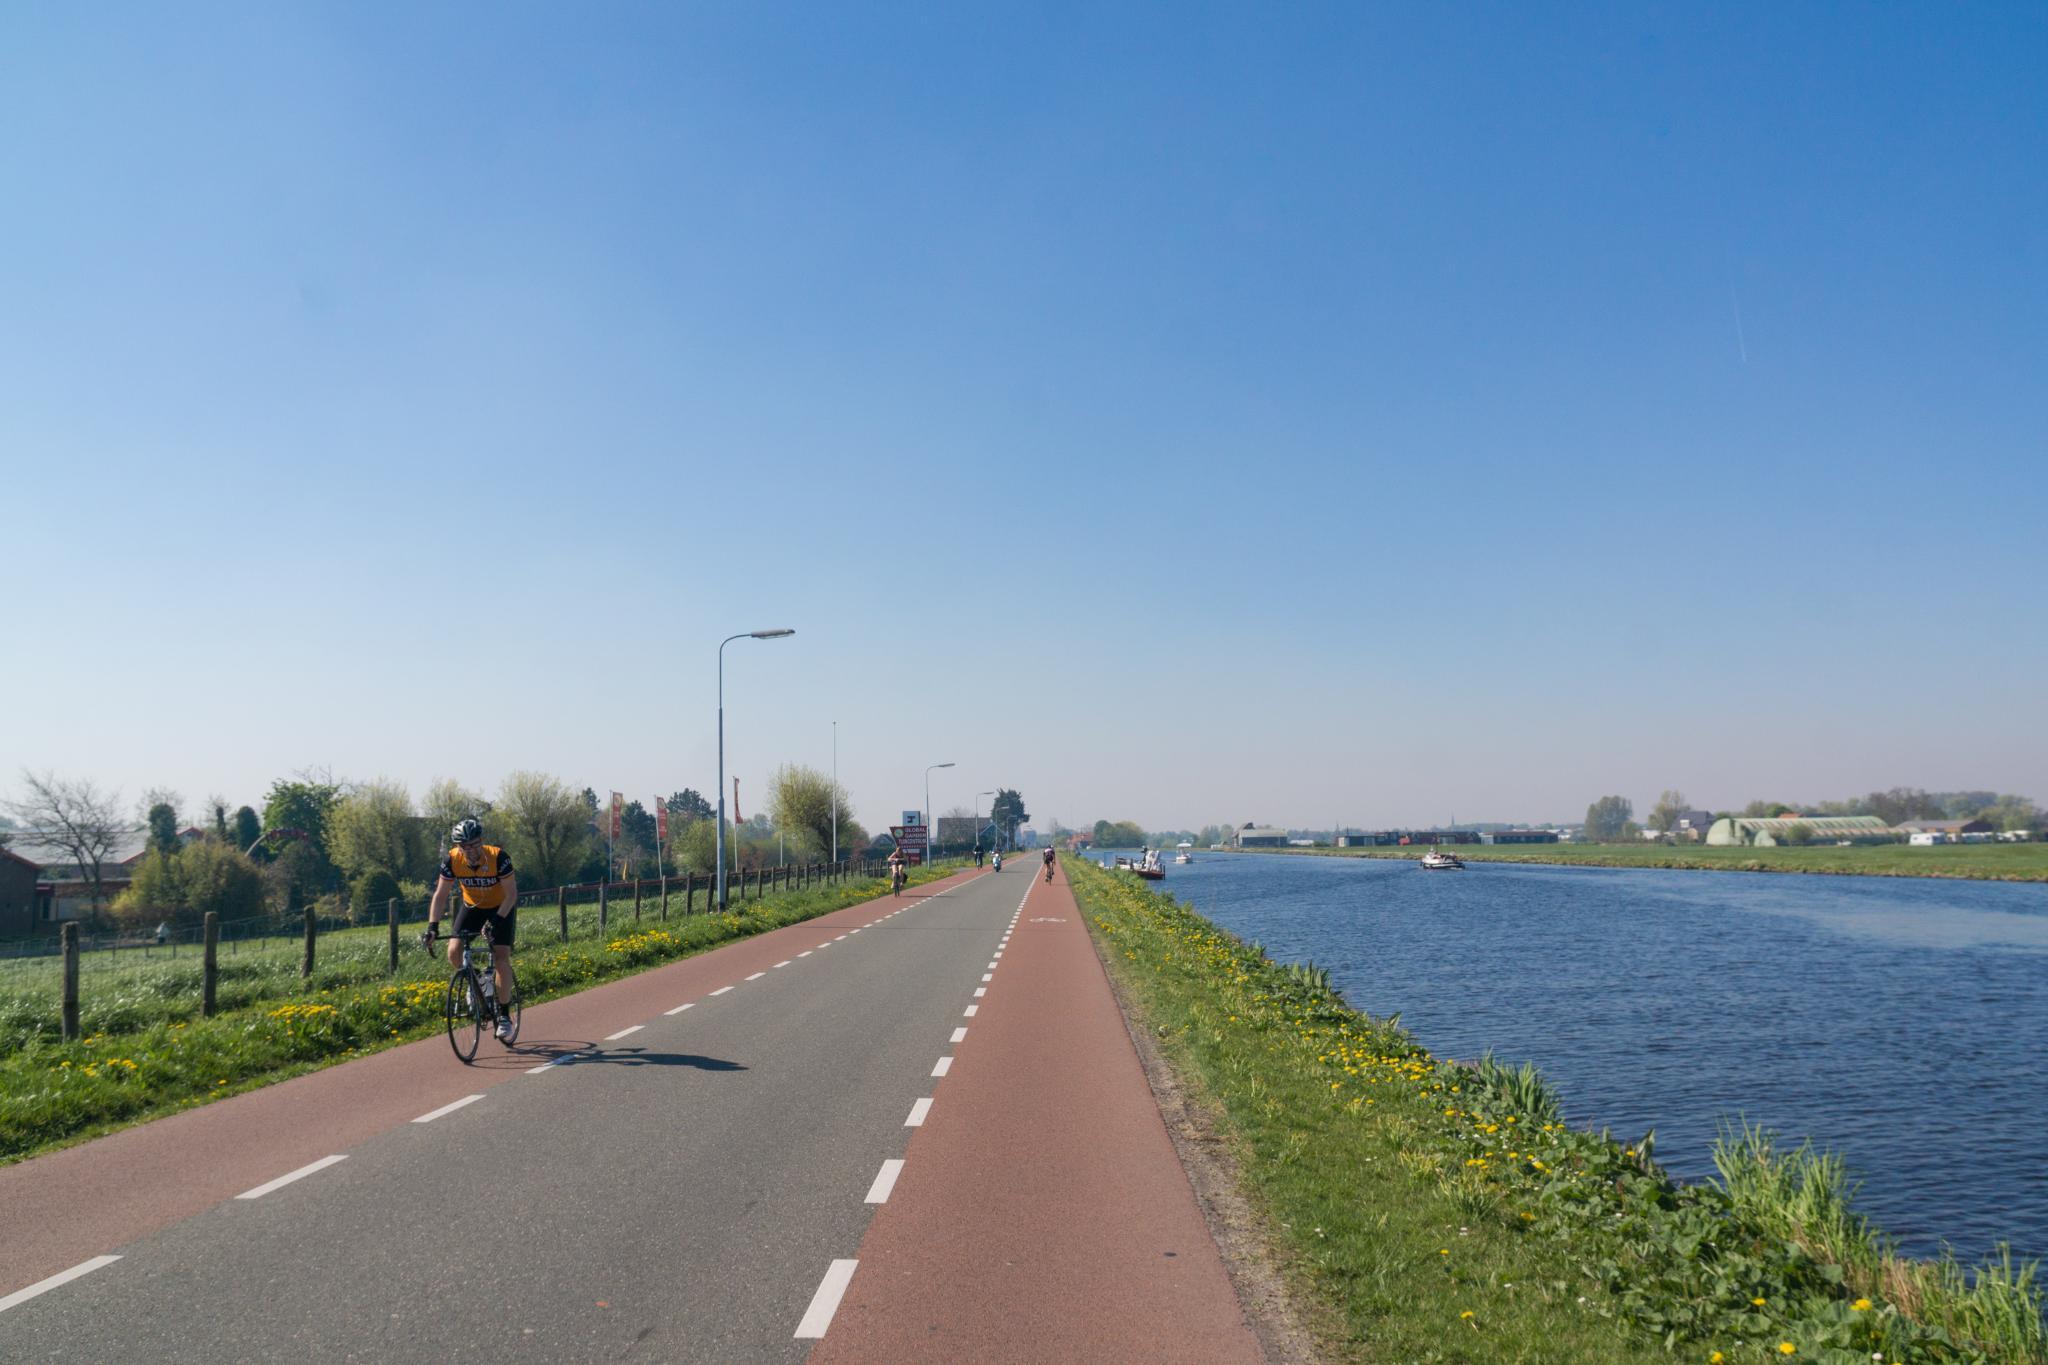 【荷蘭印象】花田嬉事:荷蘭單車花之路 5